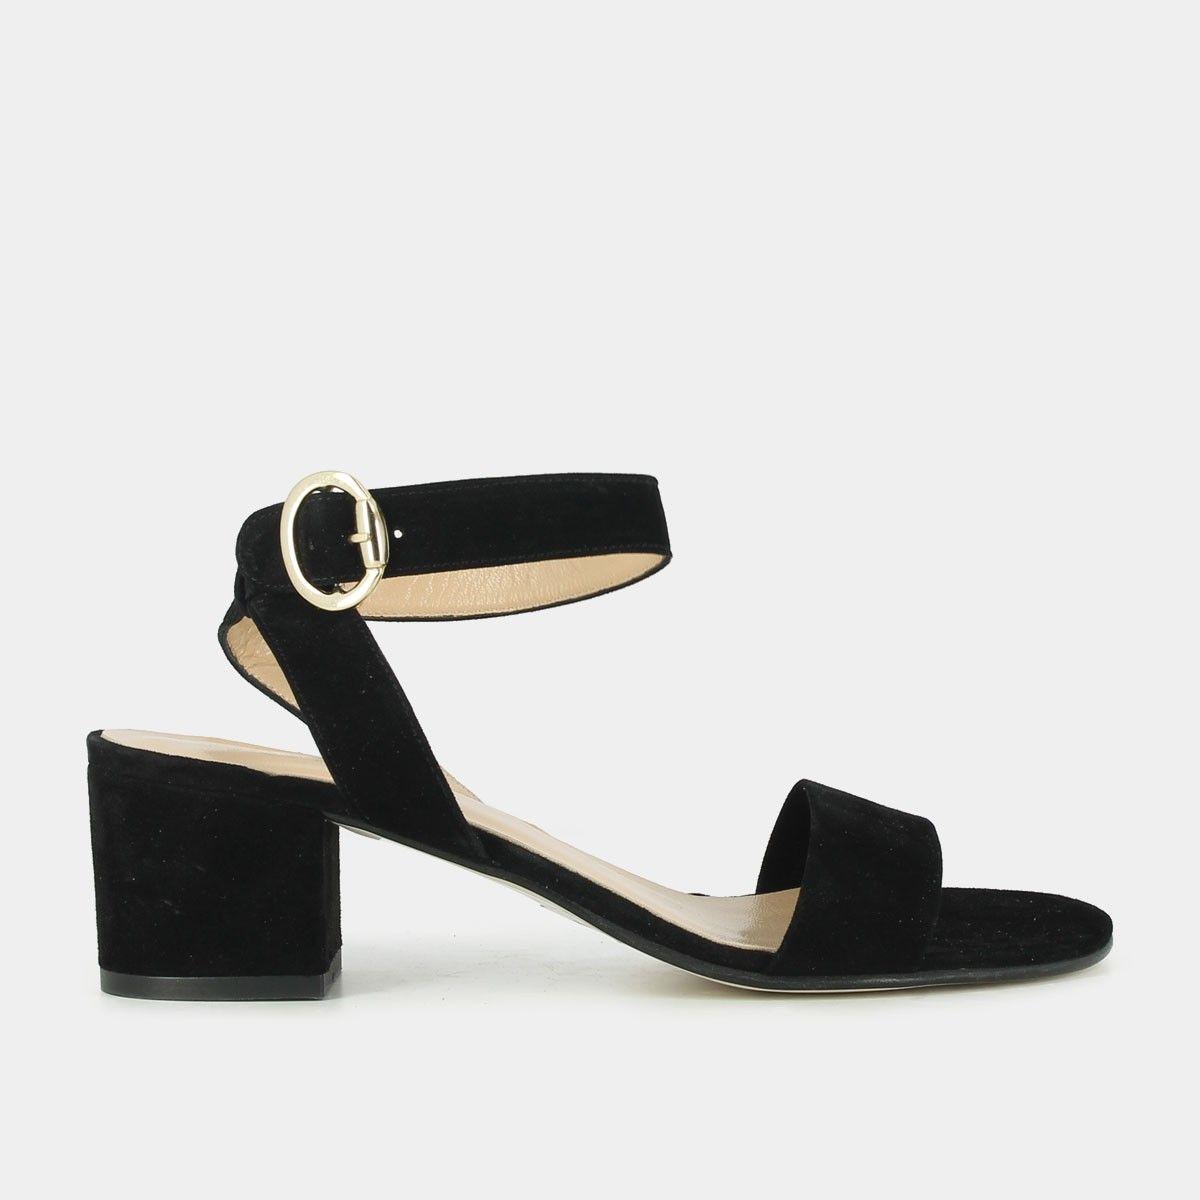 Sandale femme talon bloc